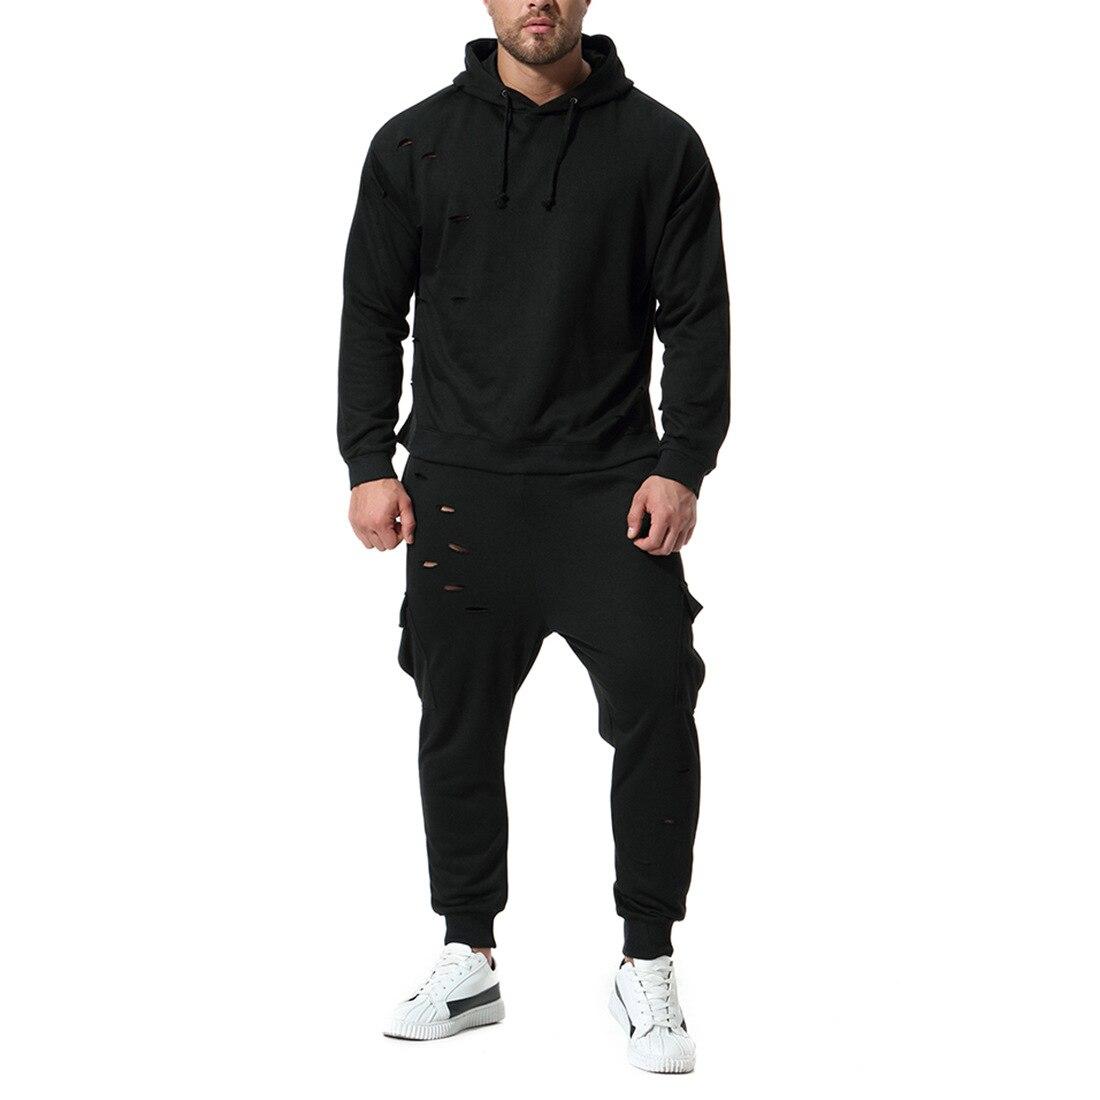 2018 hommes mode Punk deux pièces ensemble hommes Hoodies et Sweatshirts déchiré à capuche longue sweat à capuche et manches longues et pantalon Hip Hop costume masculin